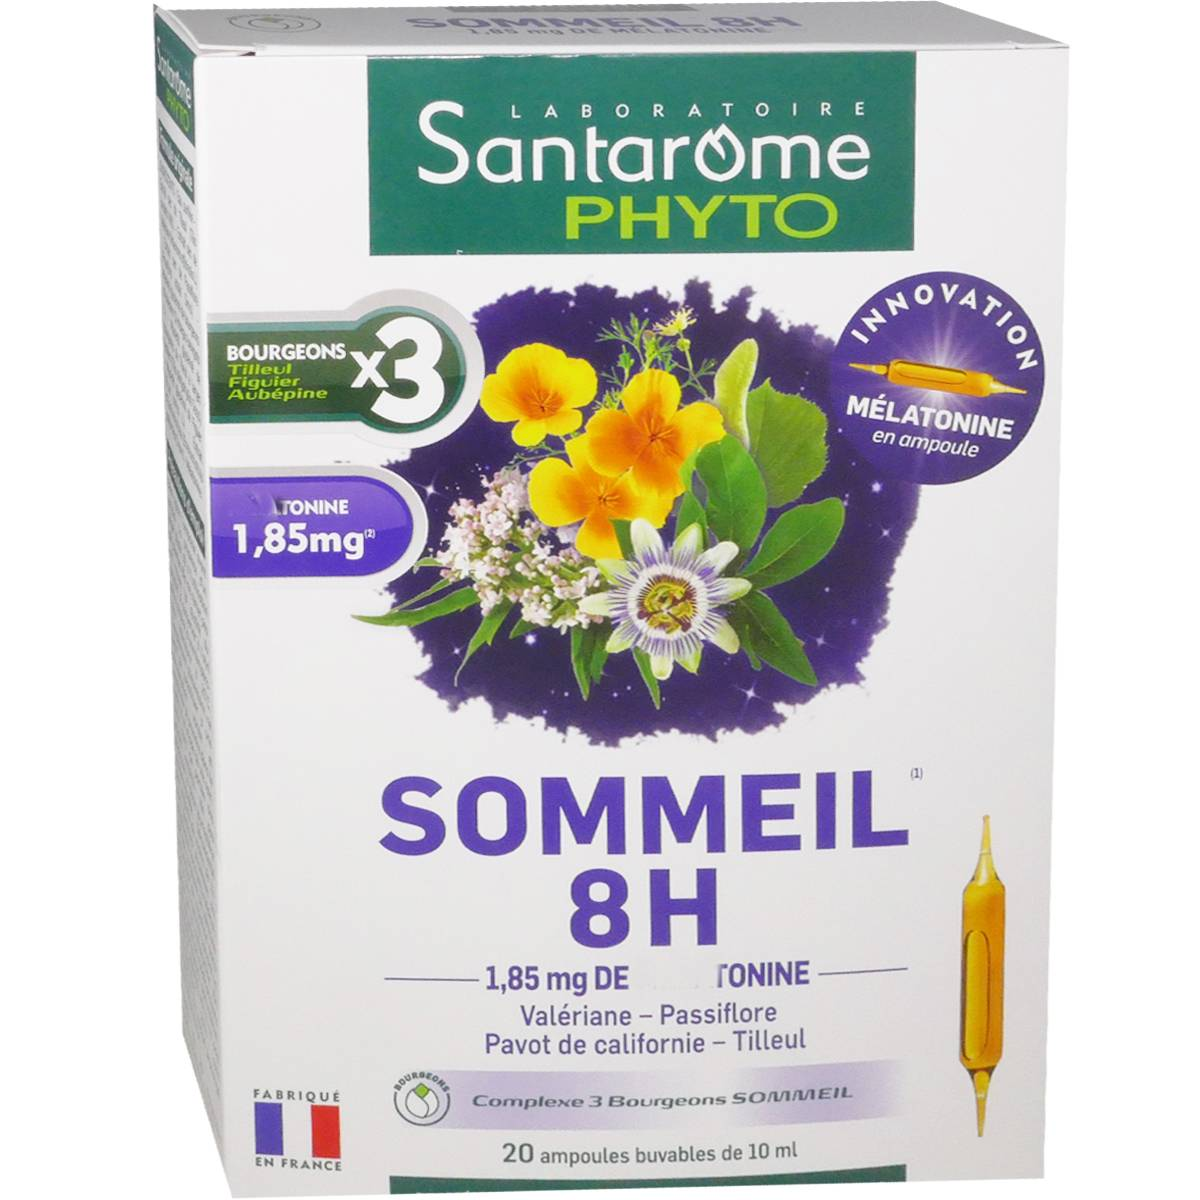 SANTAROME BIO Santarome phyto sommeil 8h 20 ampoules x 10